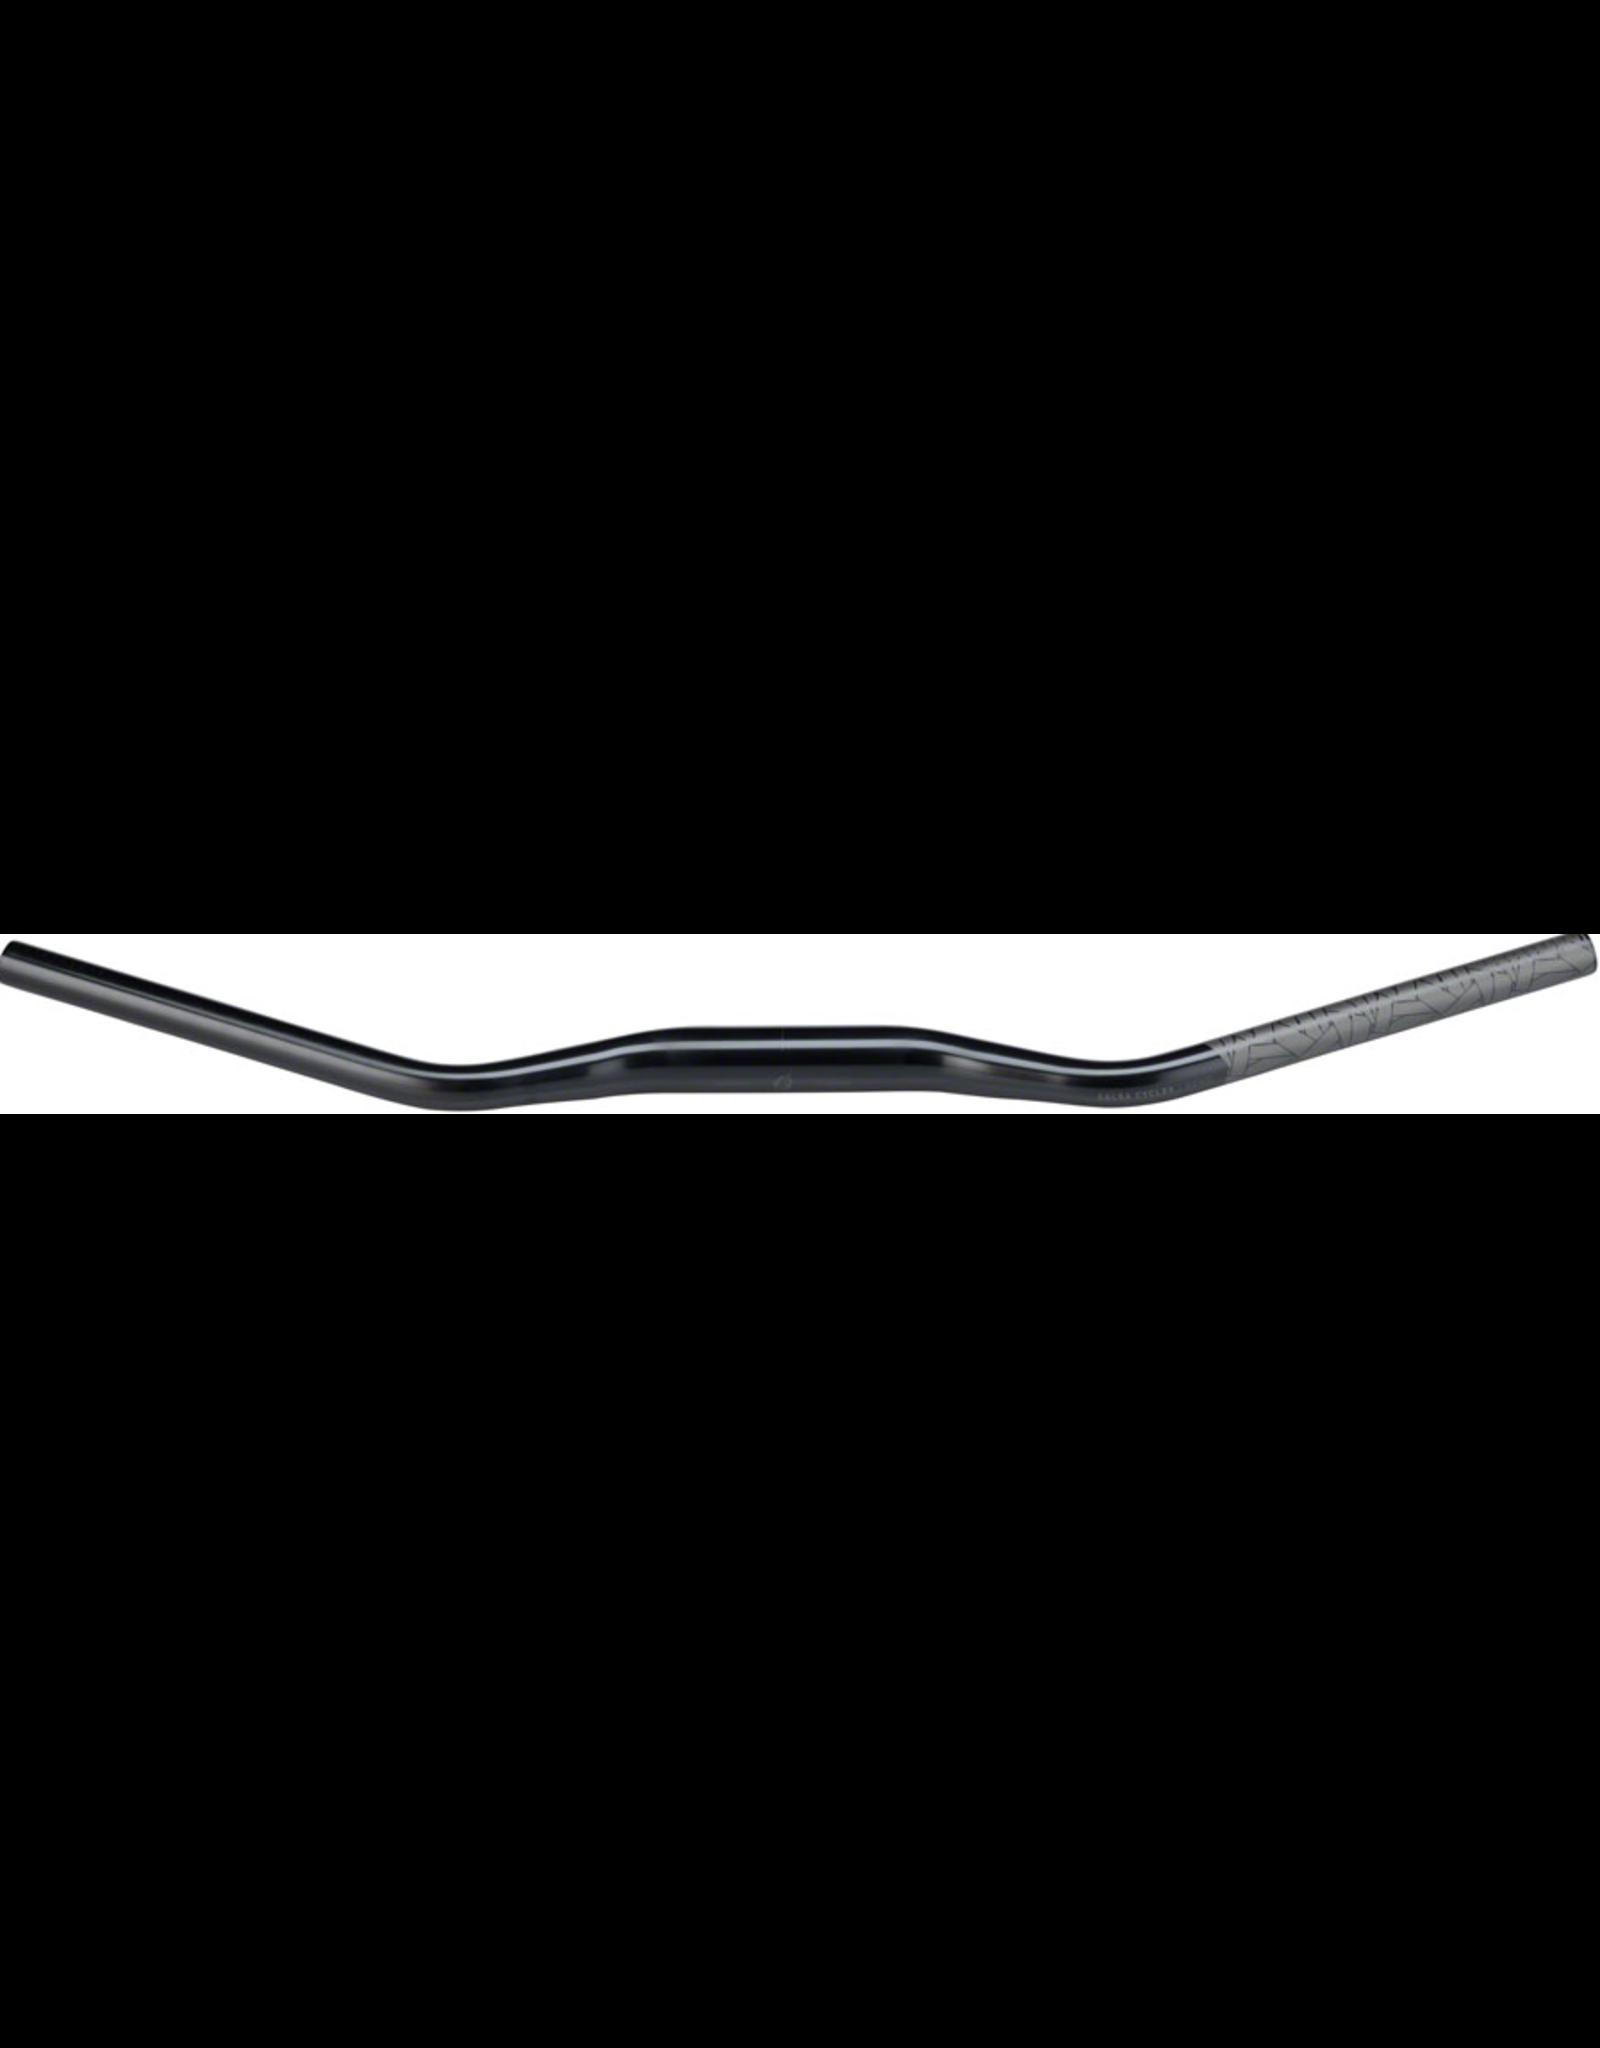 SALSA Salsa Bend Bar Deluxe 710mm